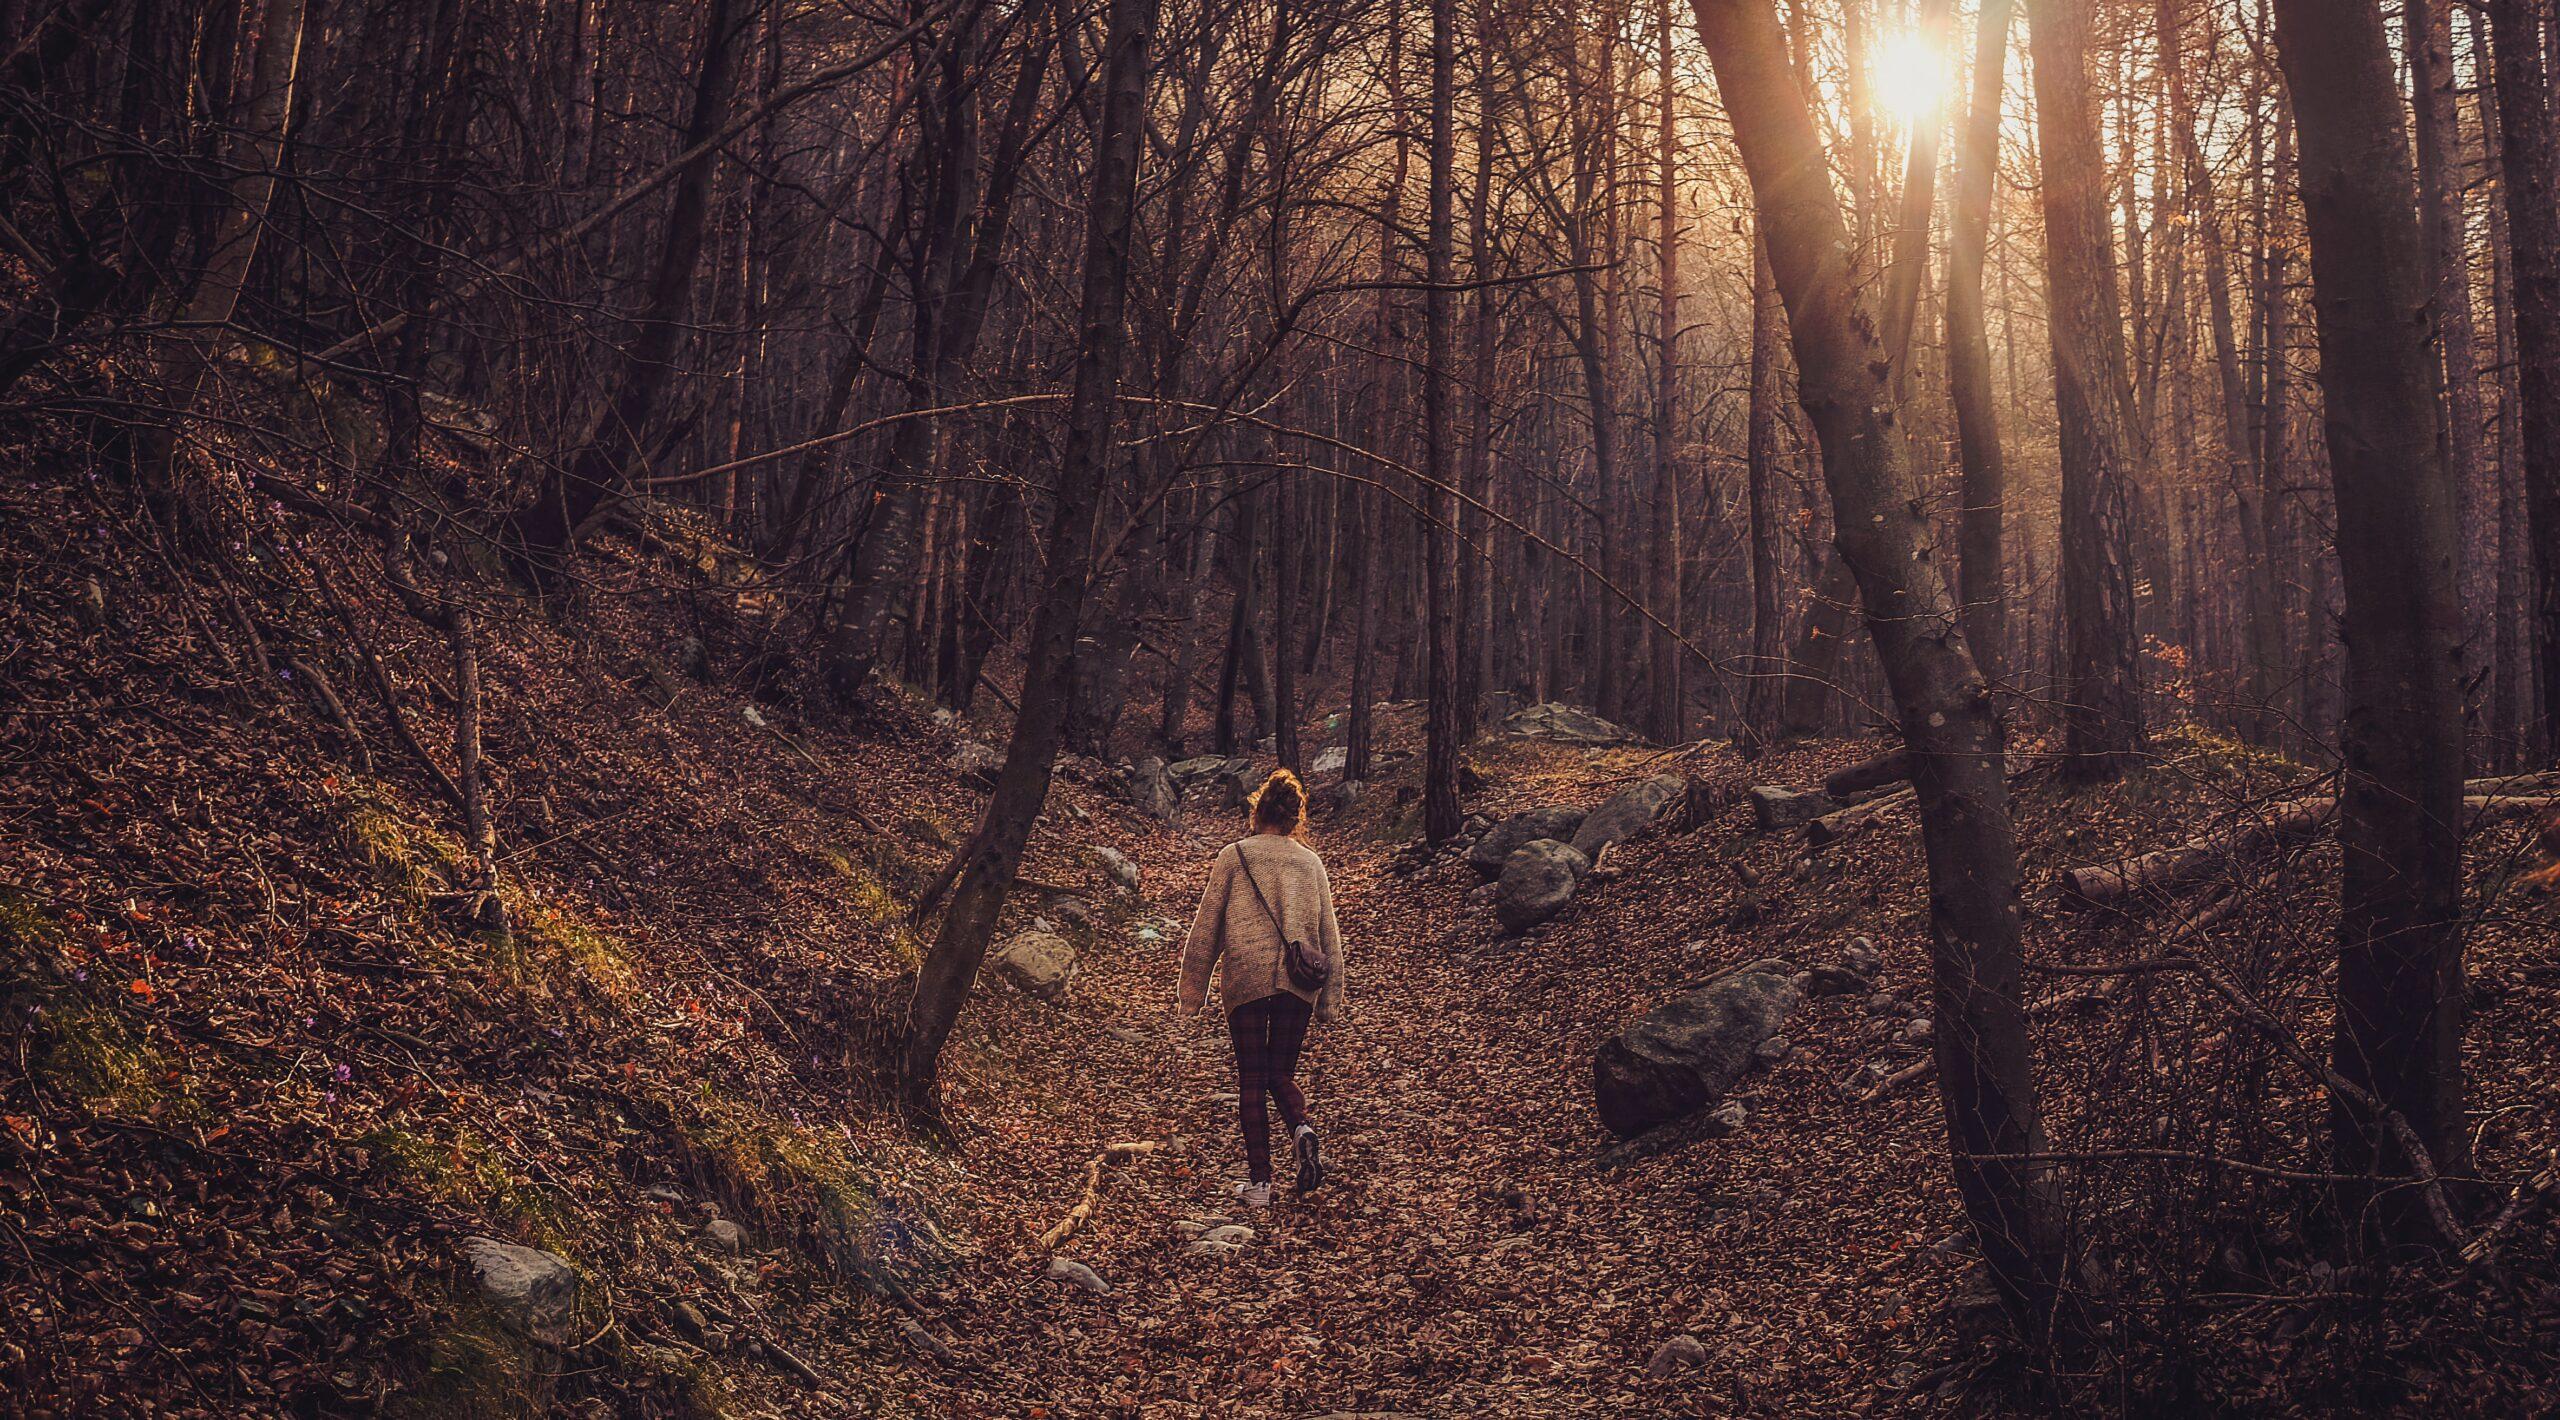 Lekkerste buitenplekken voor een perfecte (herfst)wandeling én je opperbeste dosis take out koffie